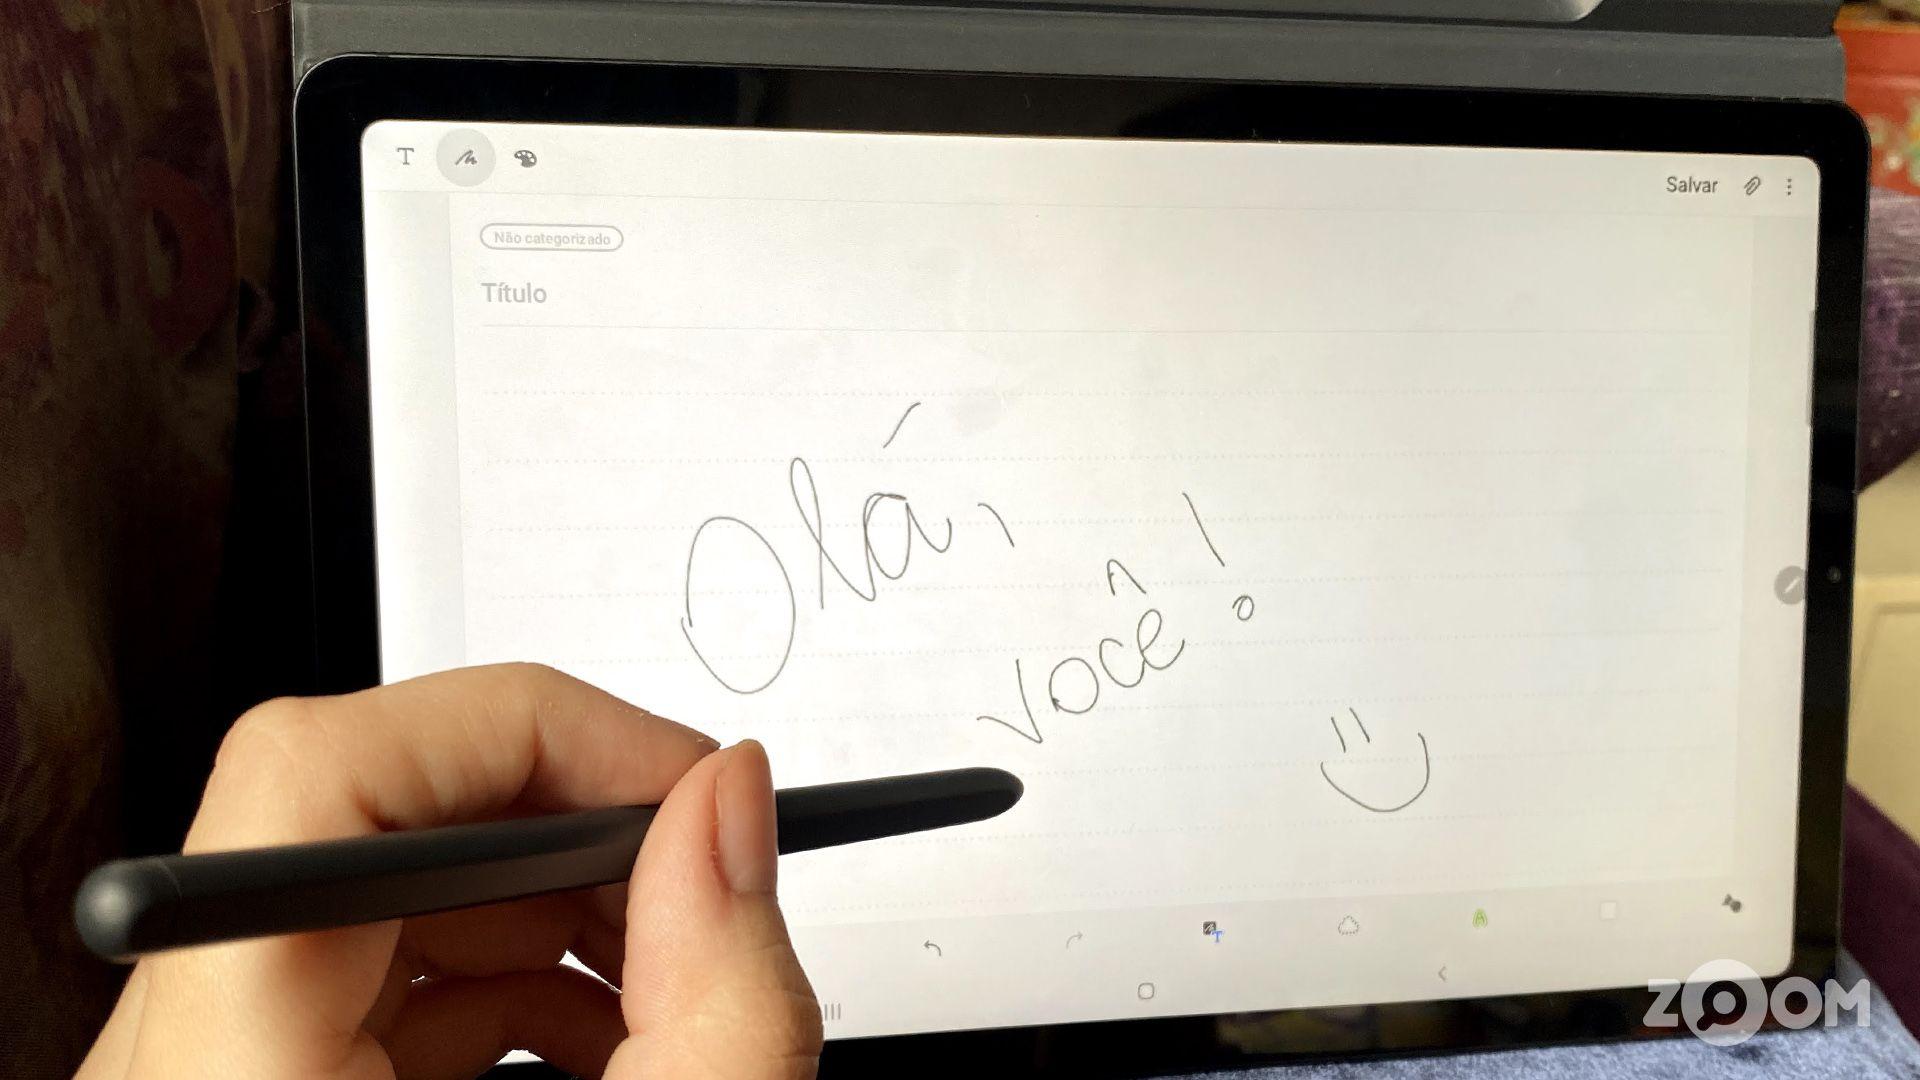 Escrevendo no app de notas da Samsung com a S Pen do Tab S6 Lite. (Imagem: Ana Marques/Zoom)